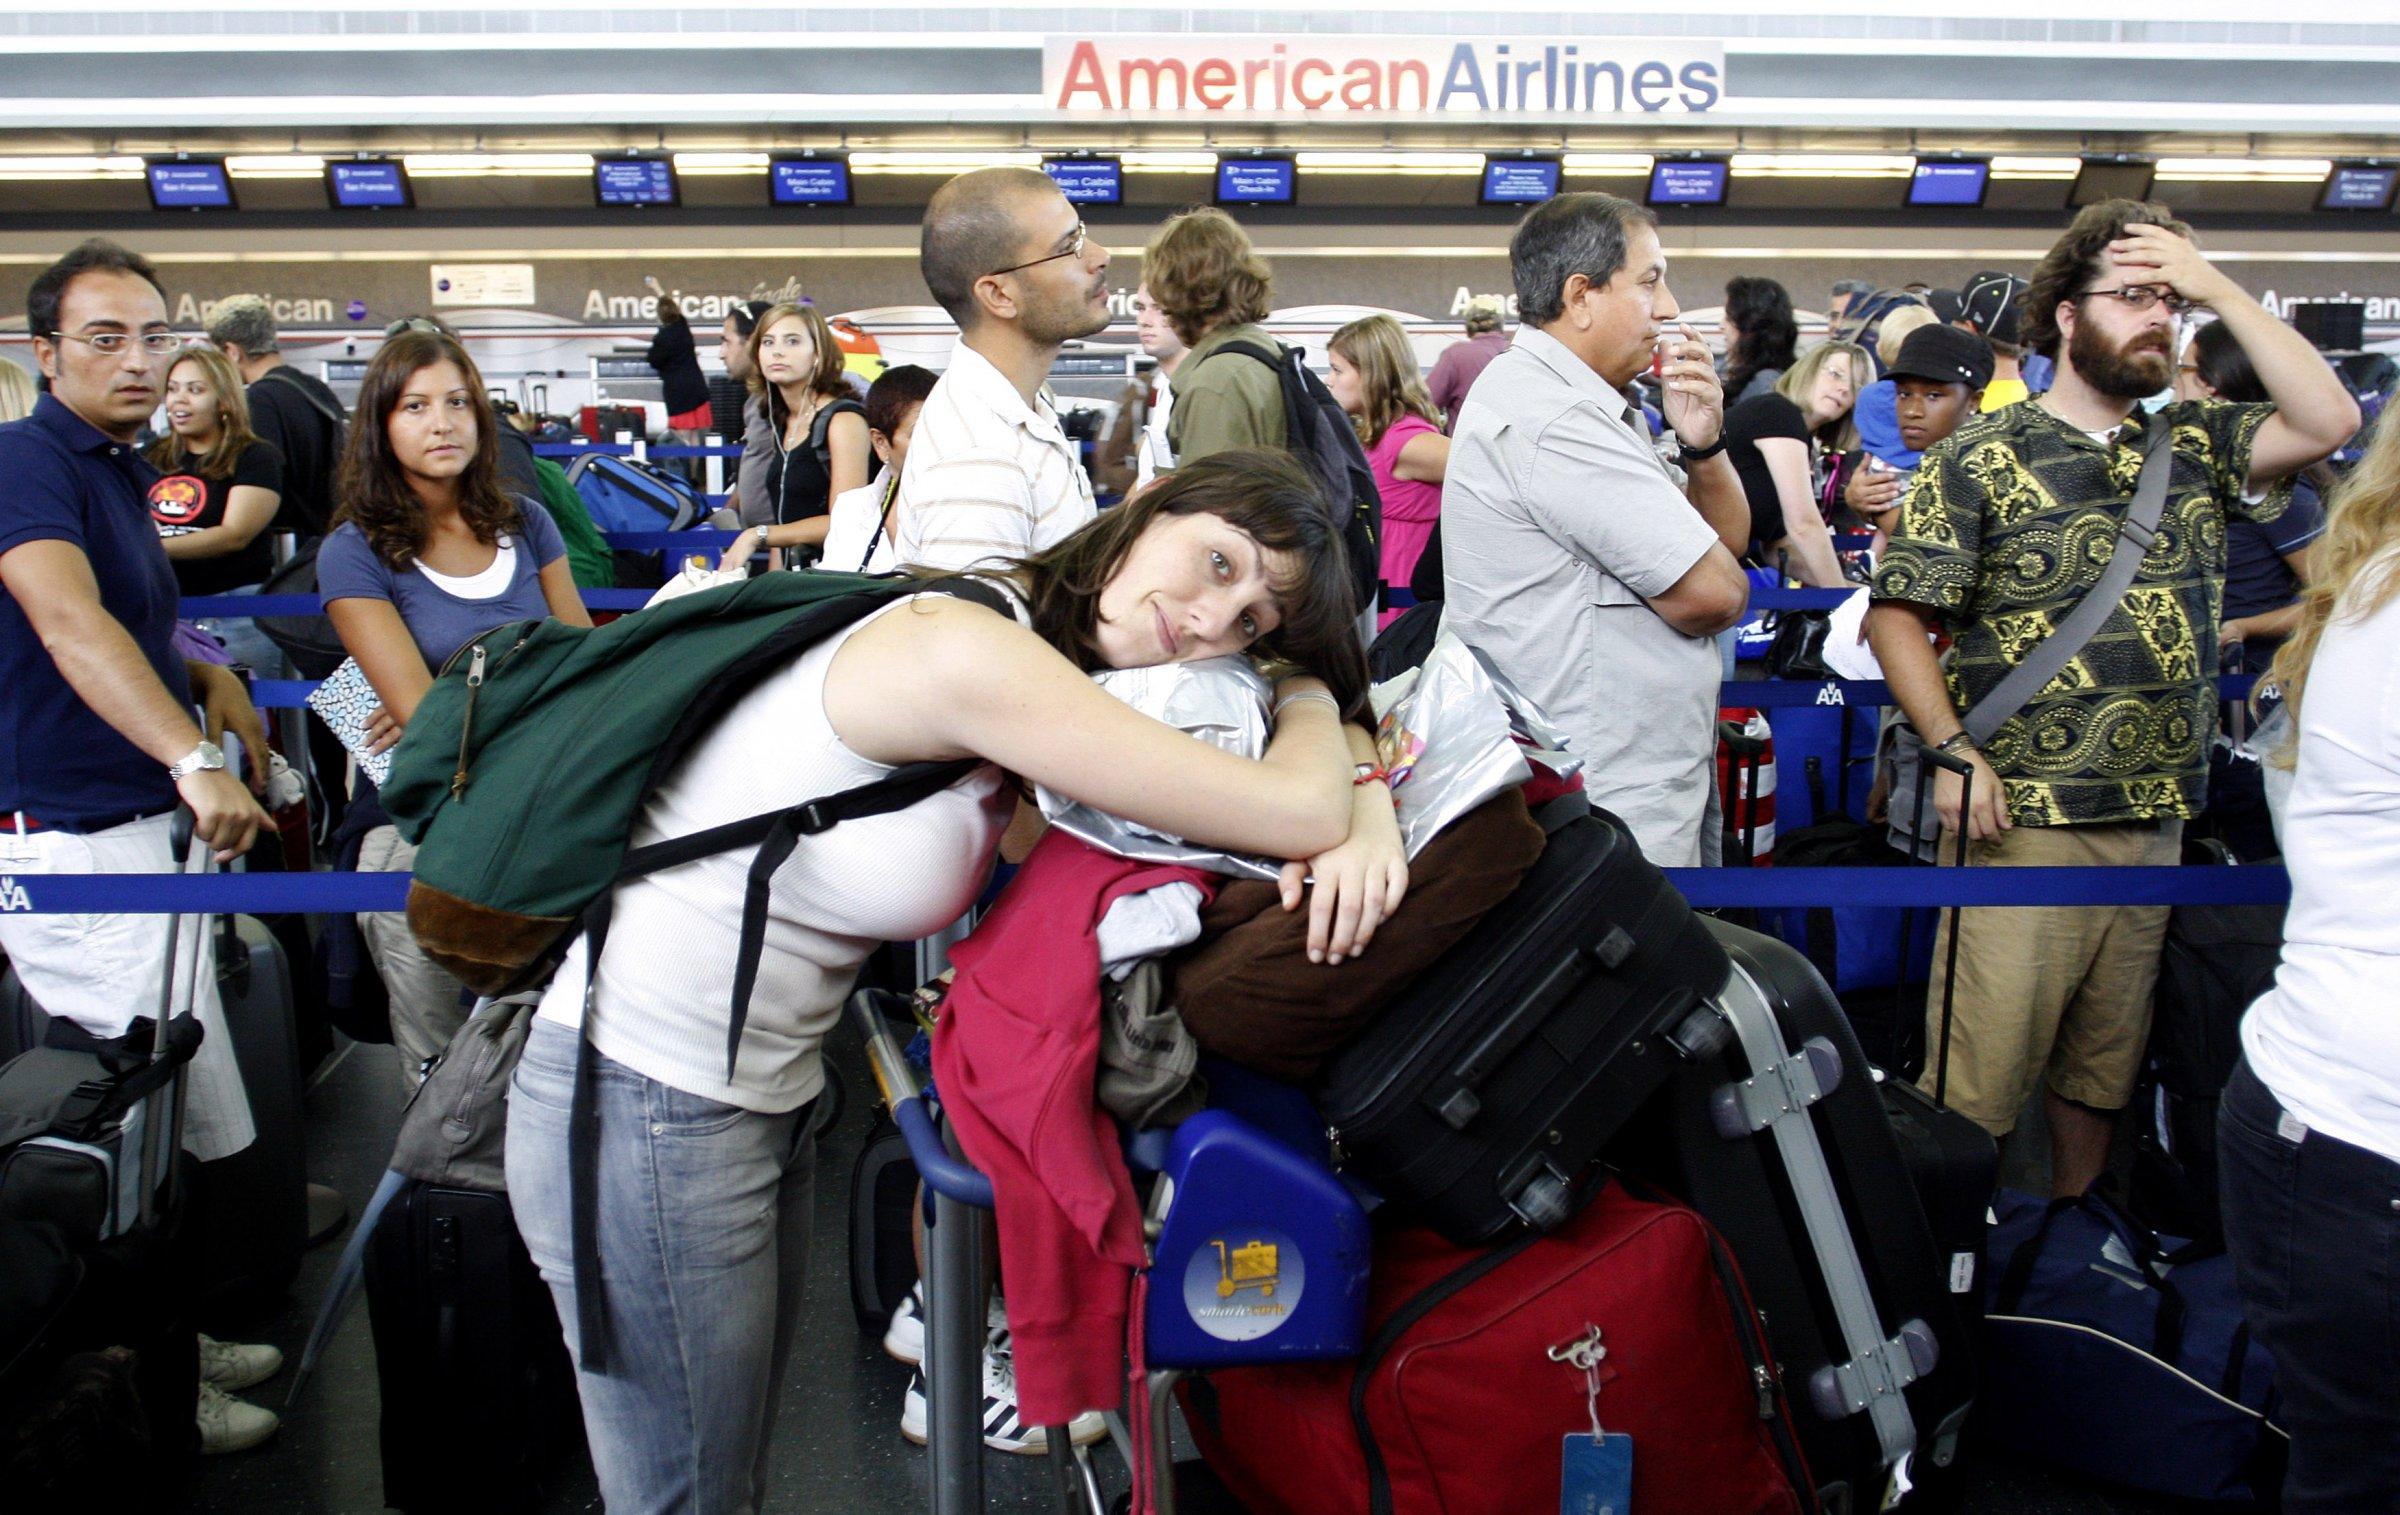 讓你的飛行更自在:機場員工偷偷透露的14個實用小技巧